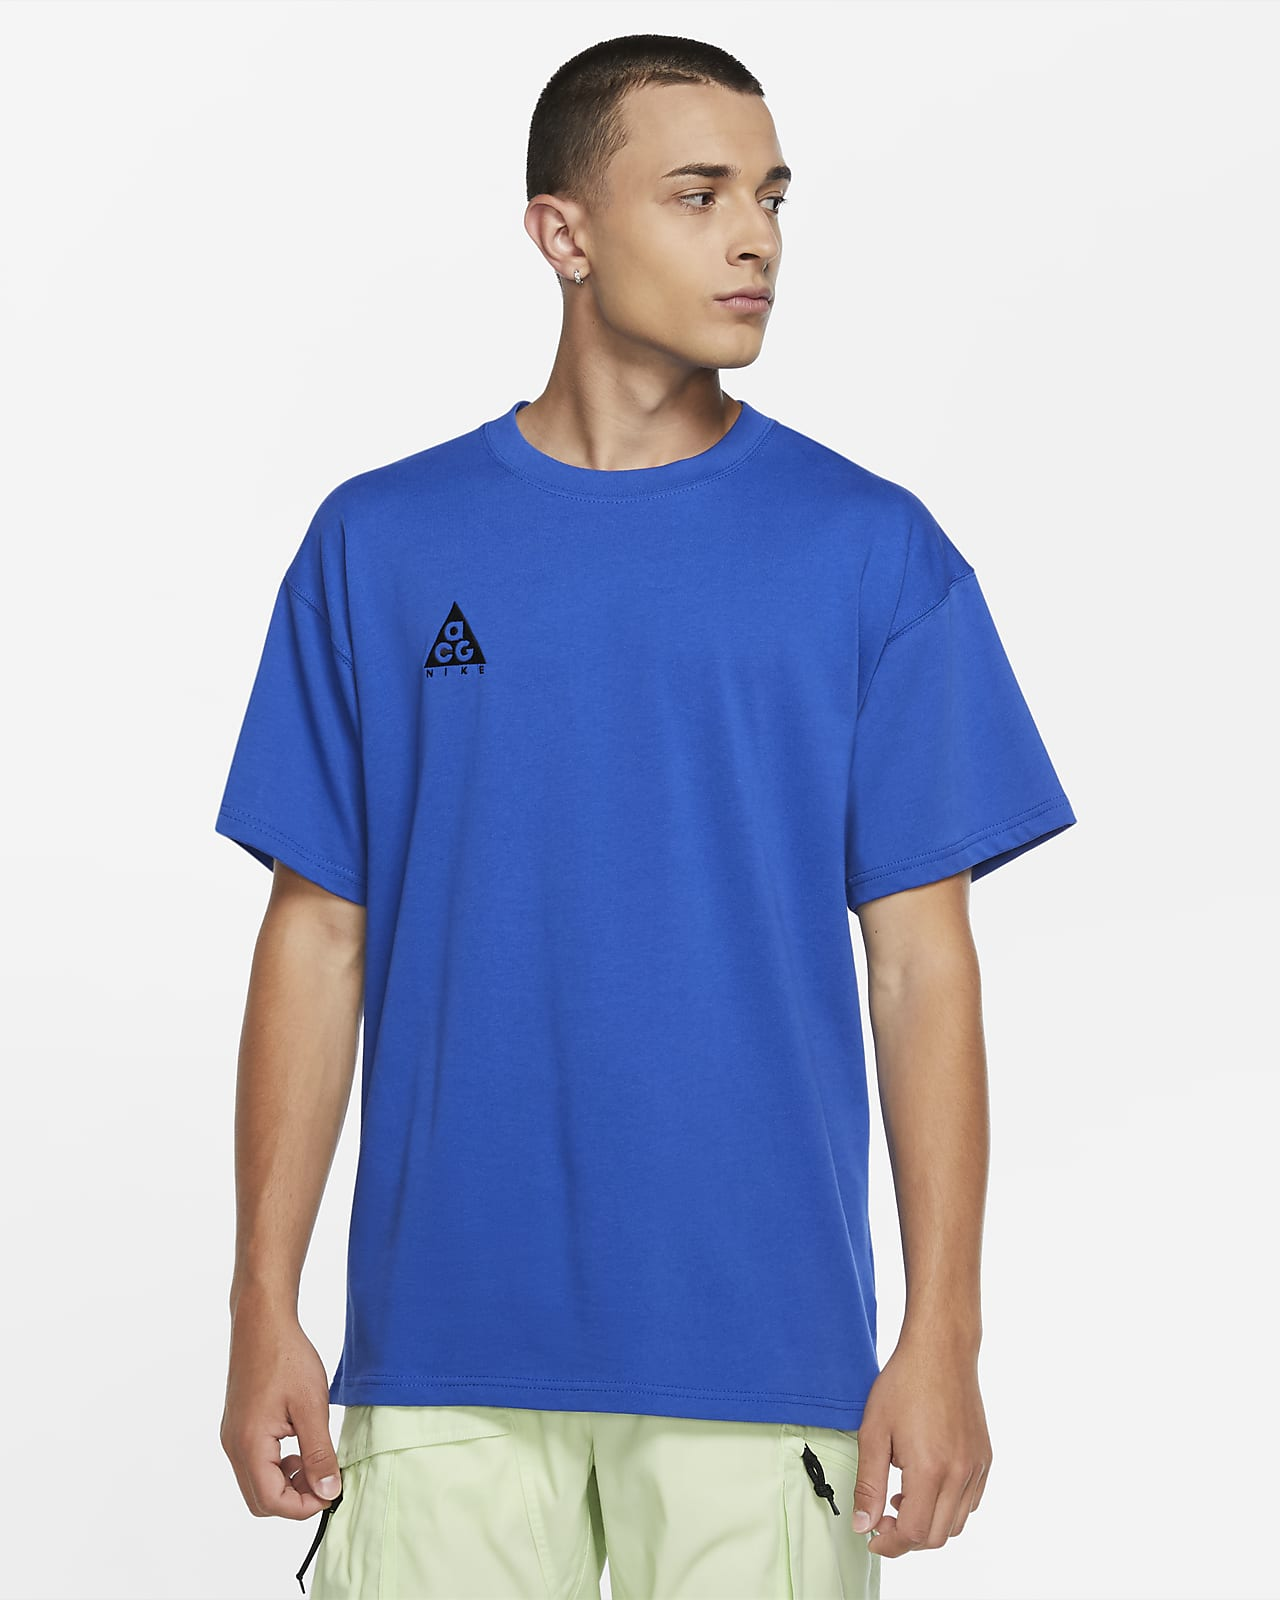 เสื้อยืดผู้ชายแบบมีโลโก้ Nike ACG